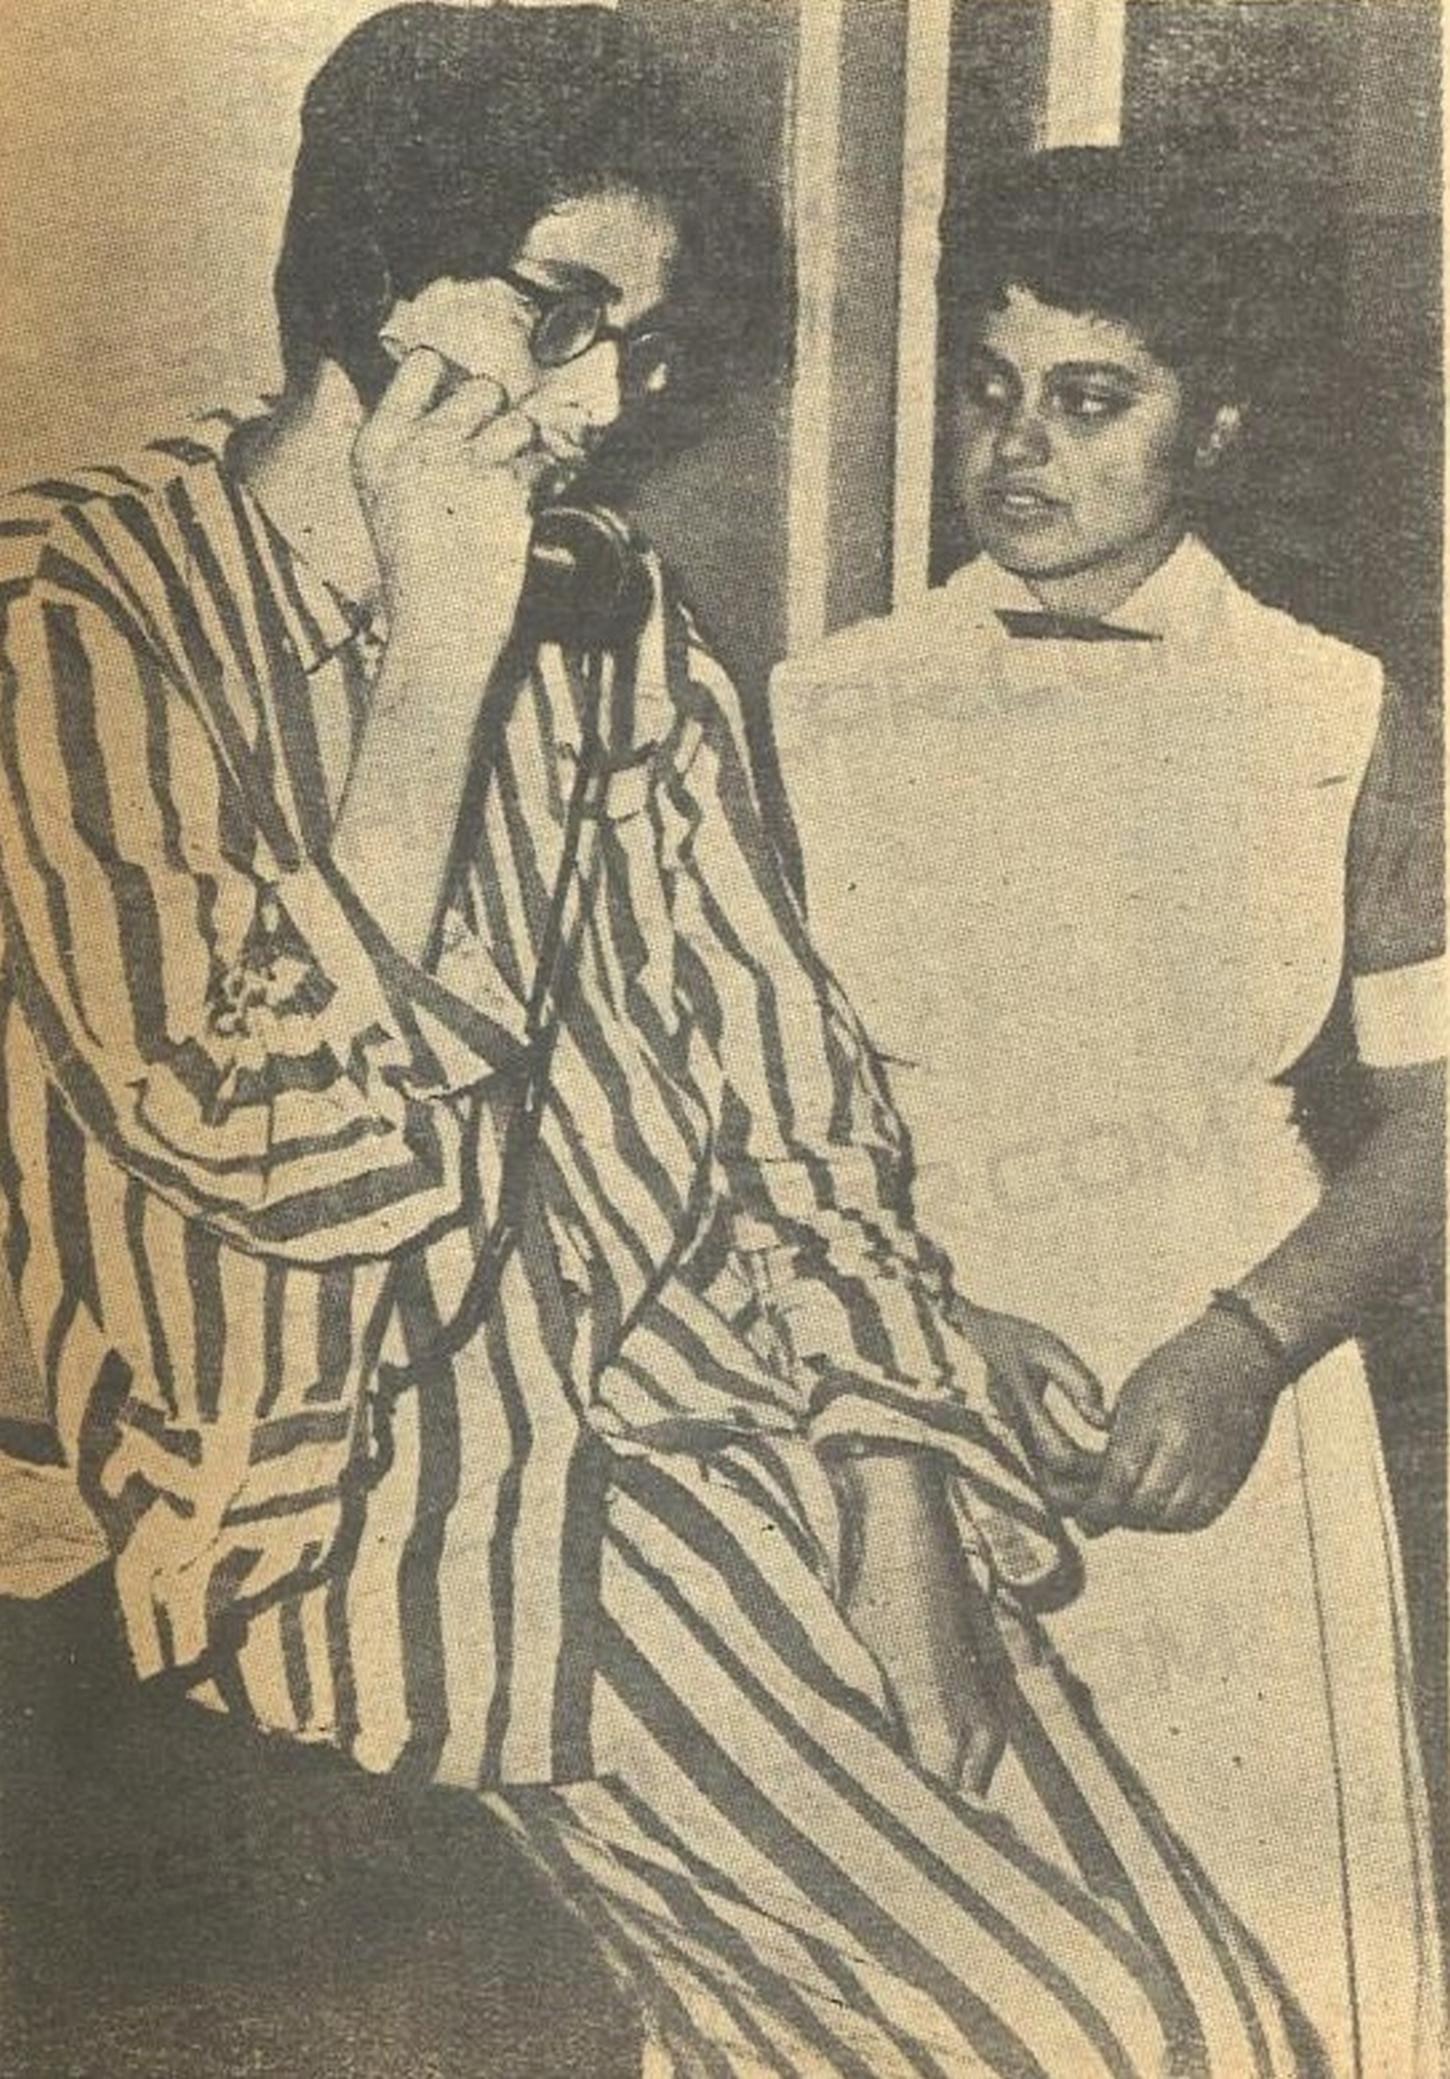 turkiye-nin-ilk-cift-cinsiyetli-insani-hafta-dergisi-1954-arsivi (3)